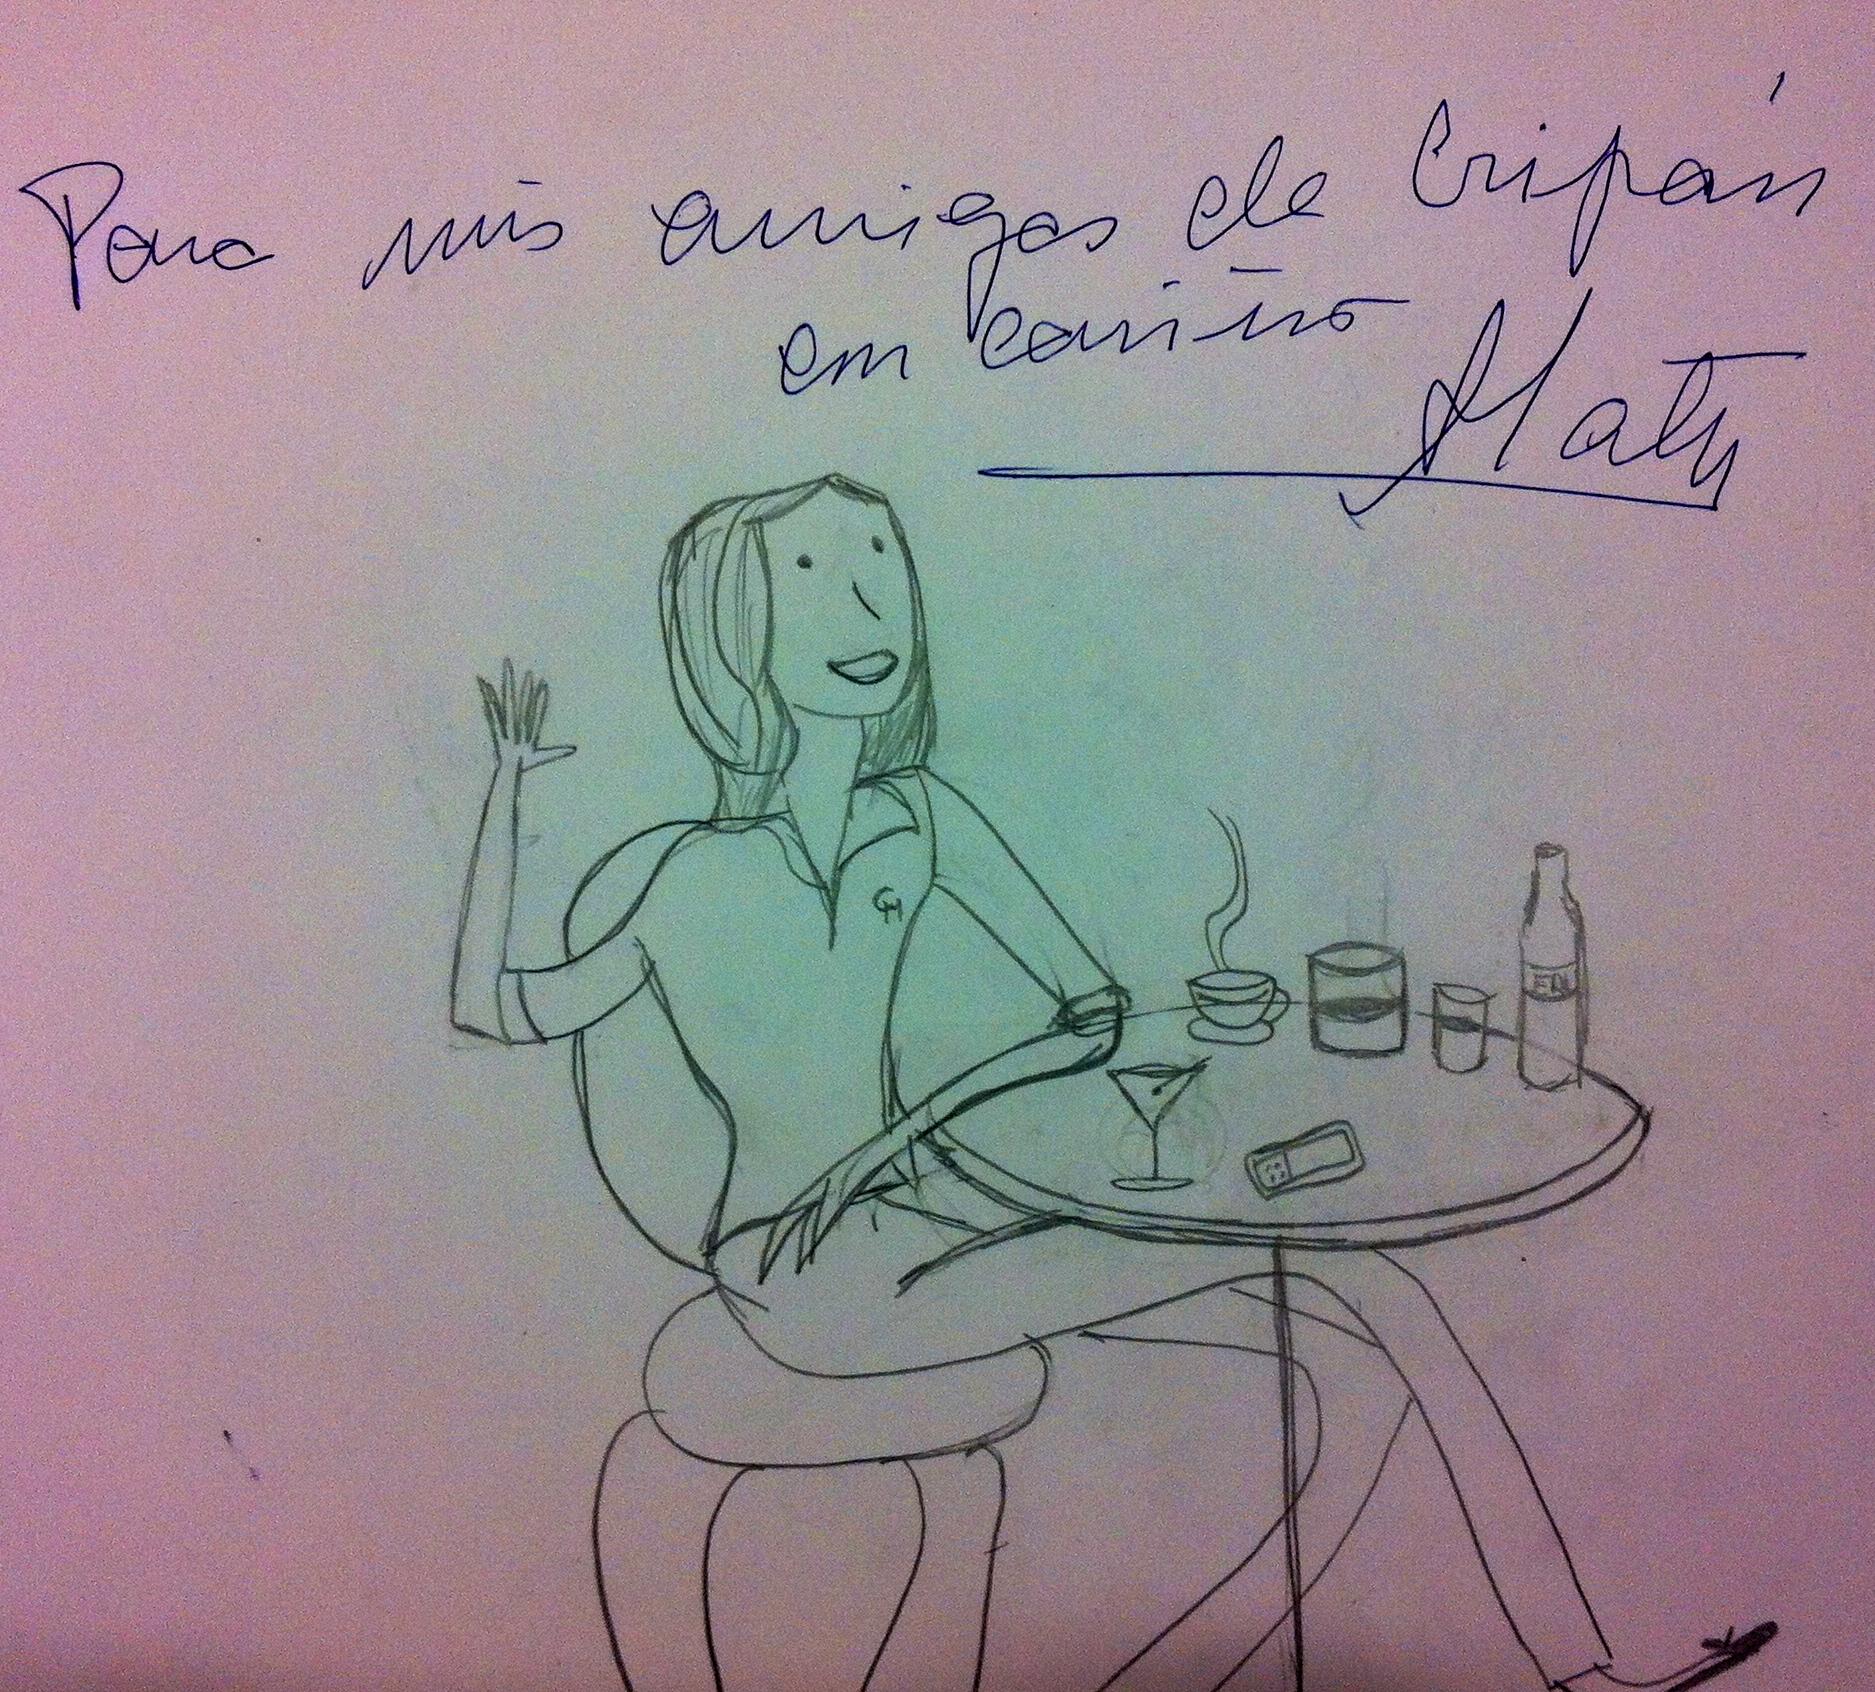 Porque no sólo de pan vive el hombre. A las chicas nos gusta seguir los consejos de una grande de la moda que nos firmo esta divertida ilustración.